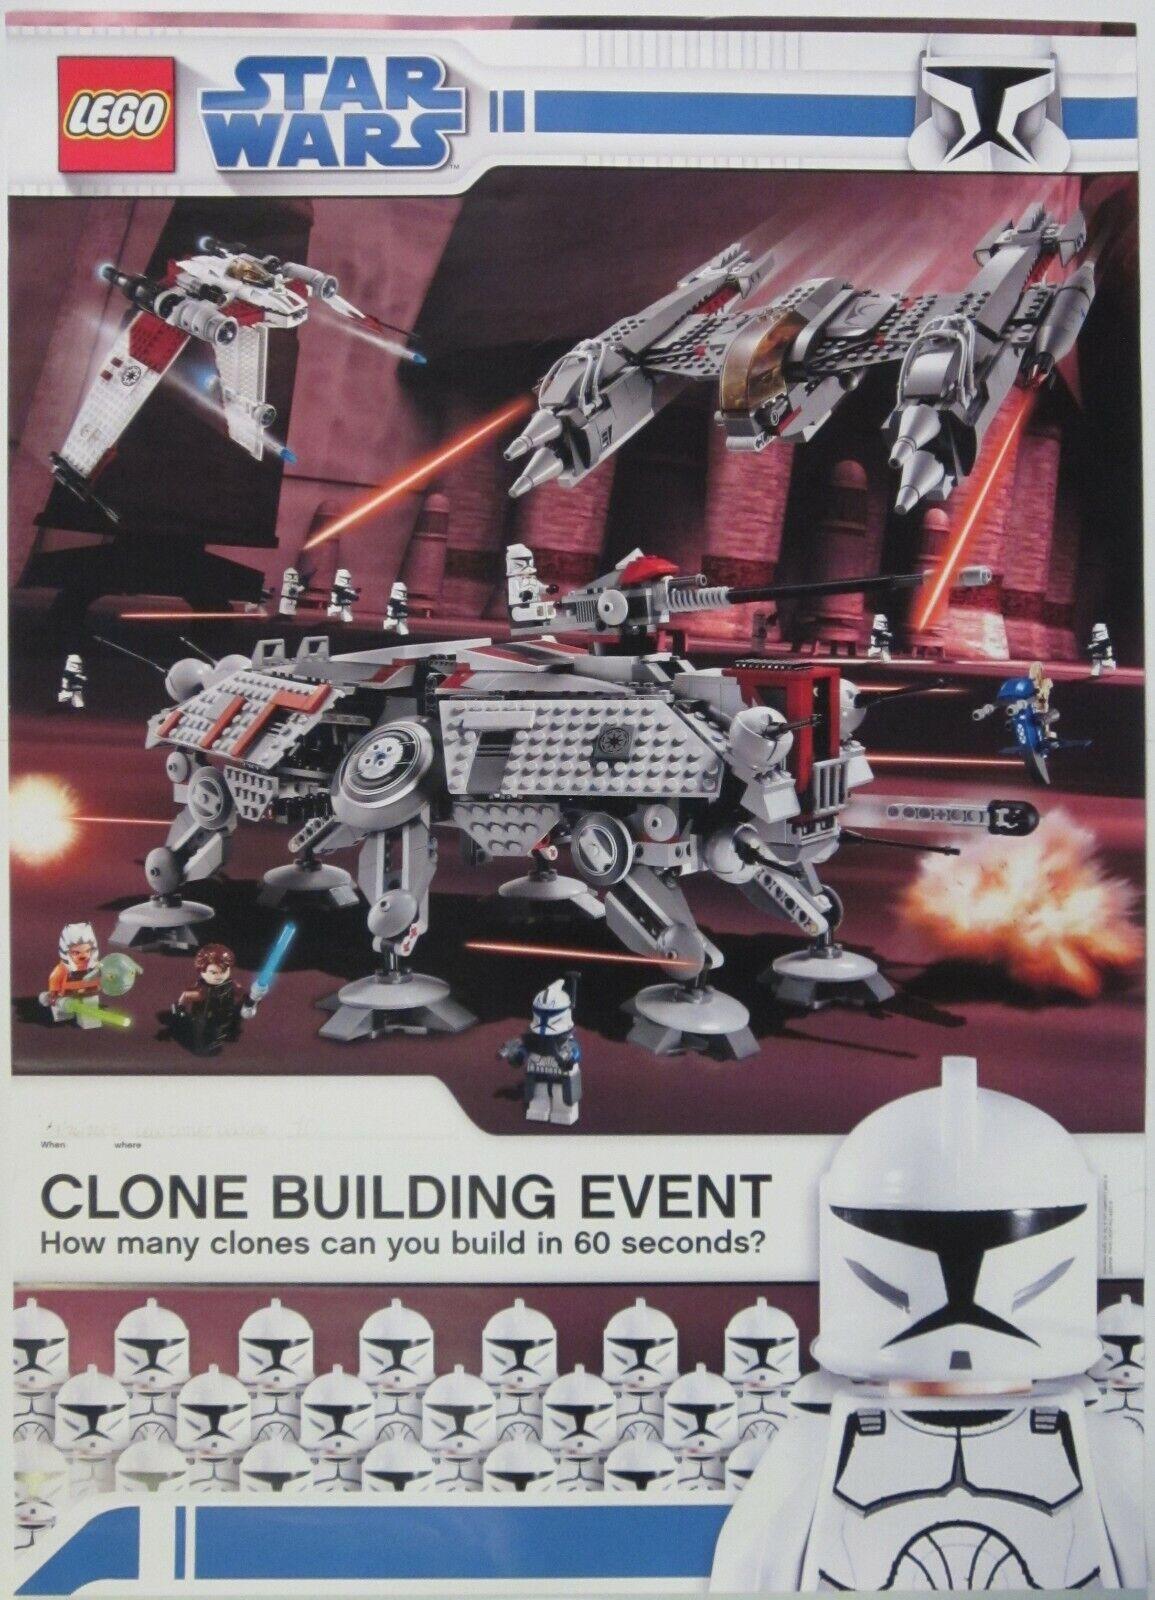 Rare 2008 Lego  Star Wars The Clone Wars Clone Building Event Poster 23.5 x33   économisez jusqu'à 30-50%